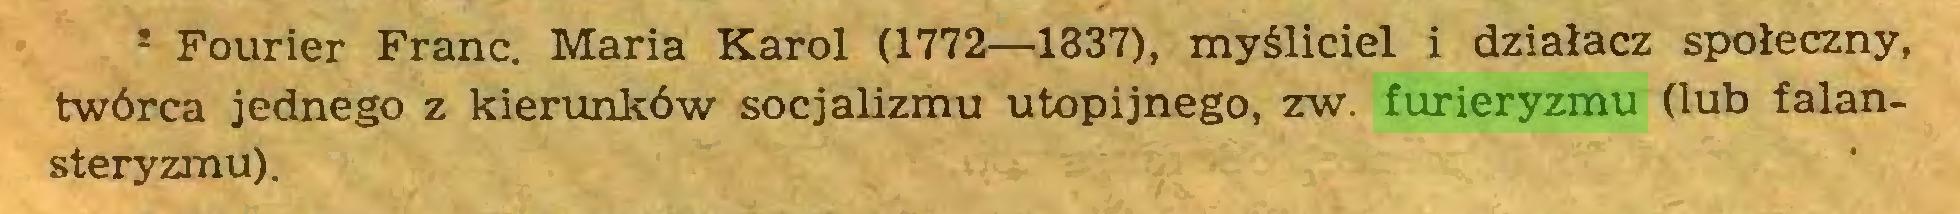 (...) * Fourier Franc. Maria Karol (1772—1337), myśliciel i działacz społeczny, trwórca jednego z kierunków socjalizmu utopijnego, zw. furieryzmu (lub falansteryzmu)...